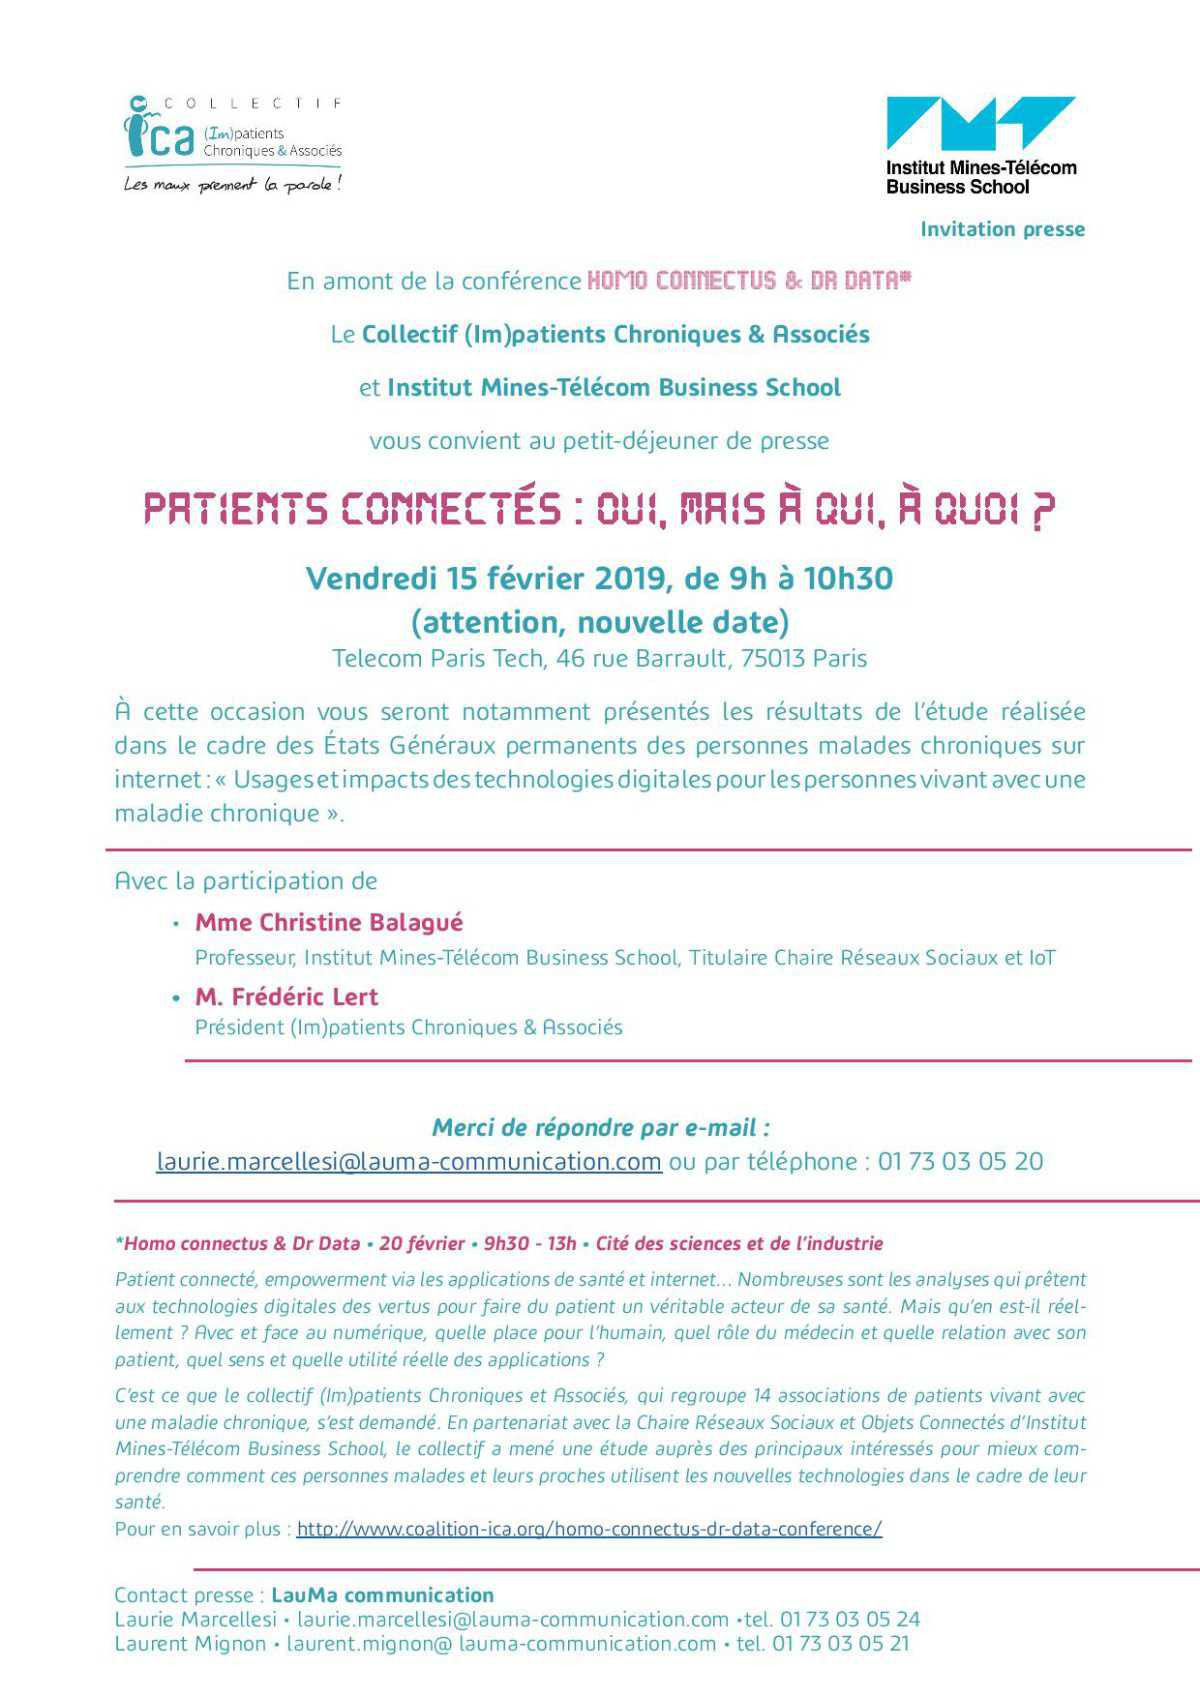 Etude sur les patients connectés